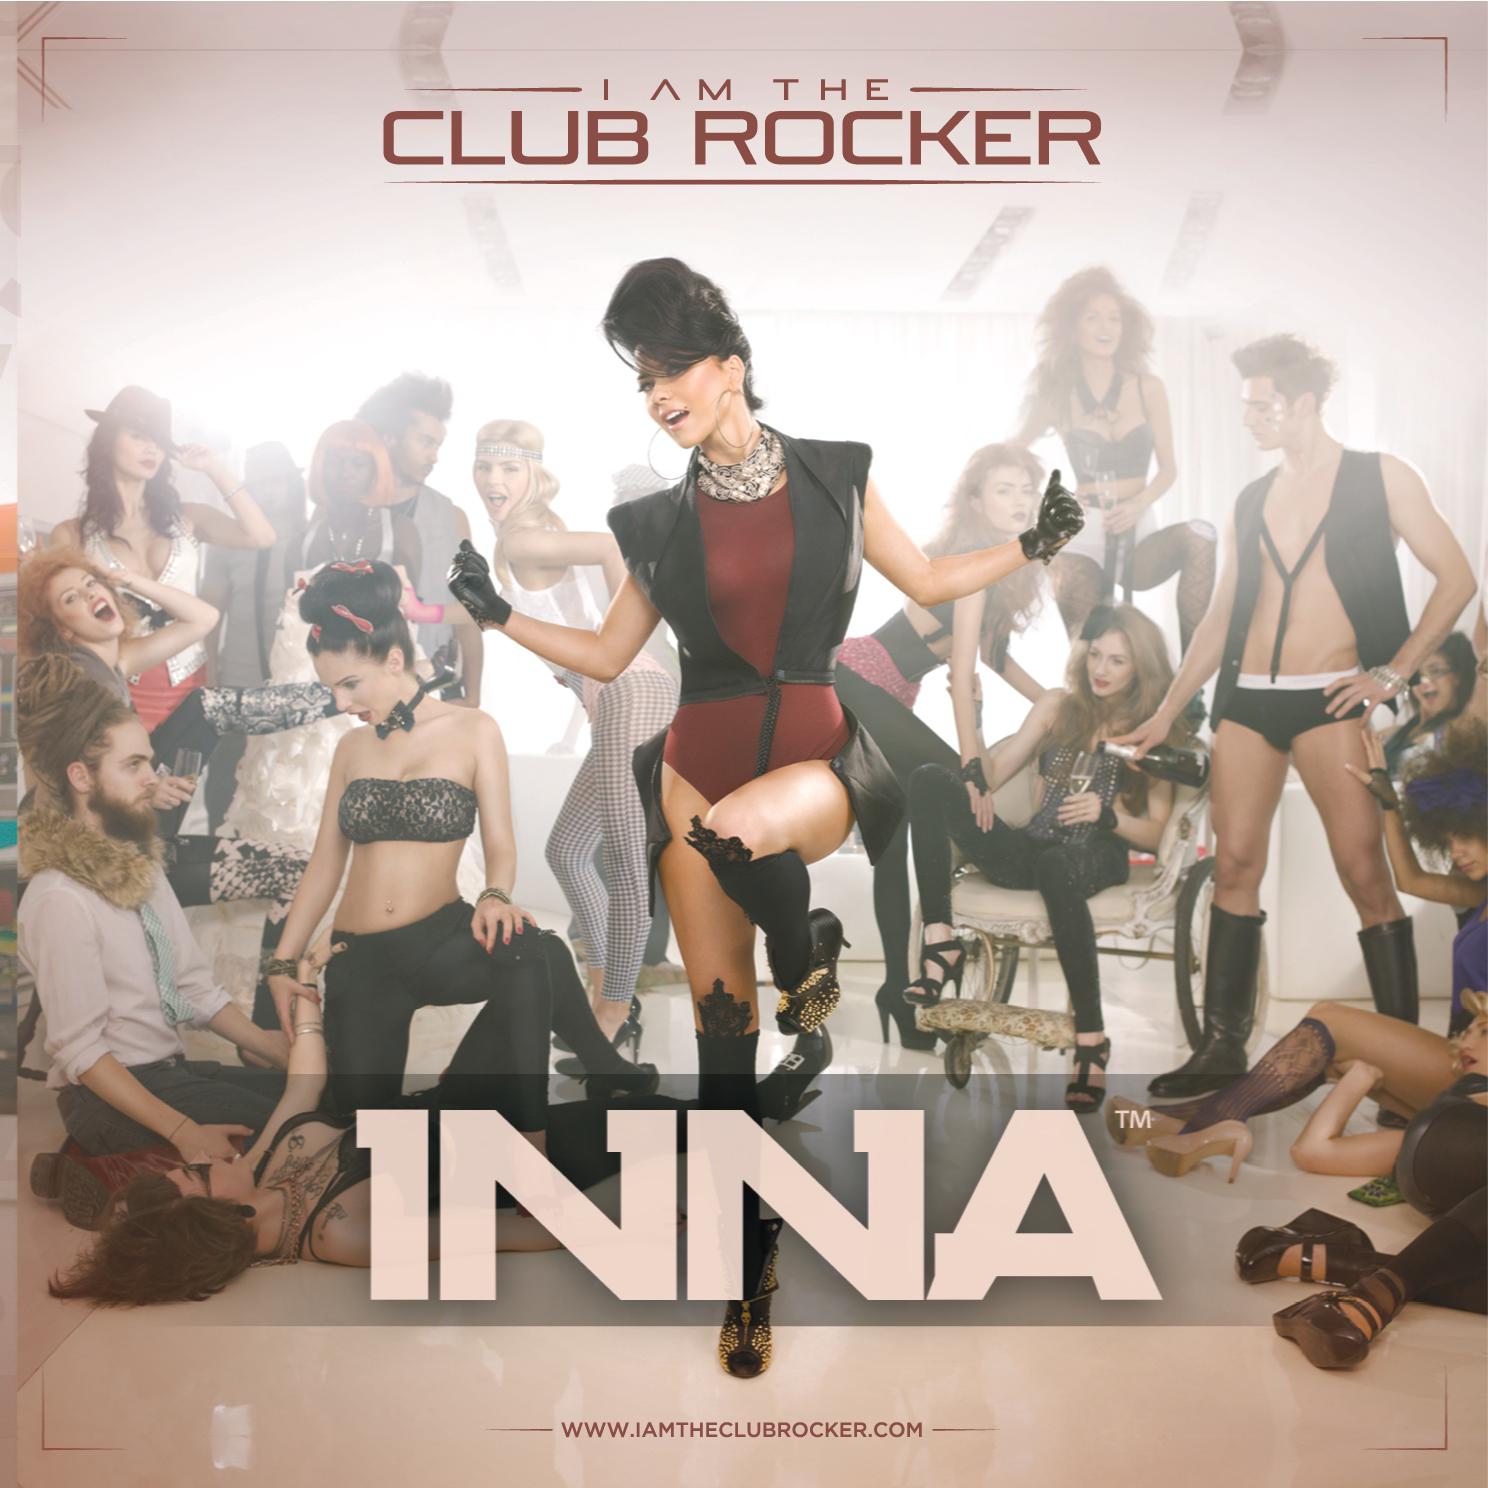 http://4.bp.blogspot.com/-o9WMUfU8jr0/Tnck4vdsL-I/AAAAAAAAAMc/-GTxQOKPzZg/s1600/Cover+album+Inna+Club+Rocker.jpg